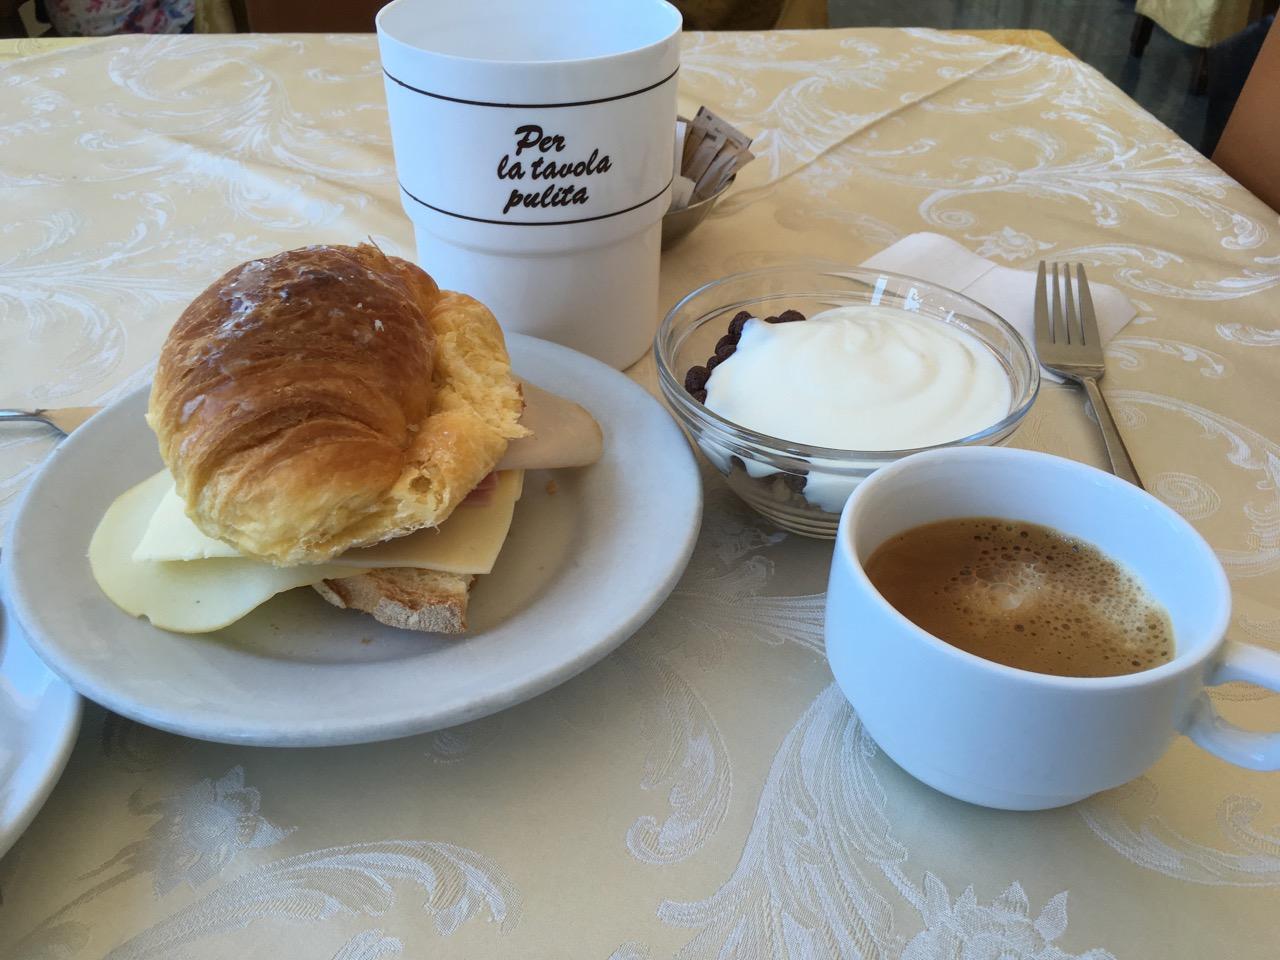 美好的一天从自助早餐开始,不爽的是受到了歧视:服务员大妈友好地用英语质问我是哪个房间的,按理说是应该的,可问题是她不问其他来吃早餐的人,连续两天早上都如此。大概是因为其他人都是有一定经济能力的中年男女,就我一个毛头小子吧